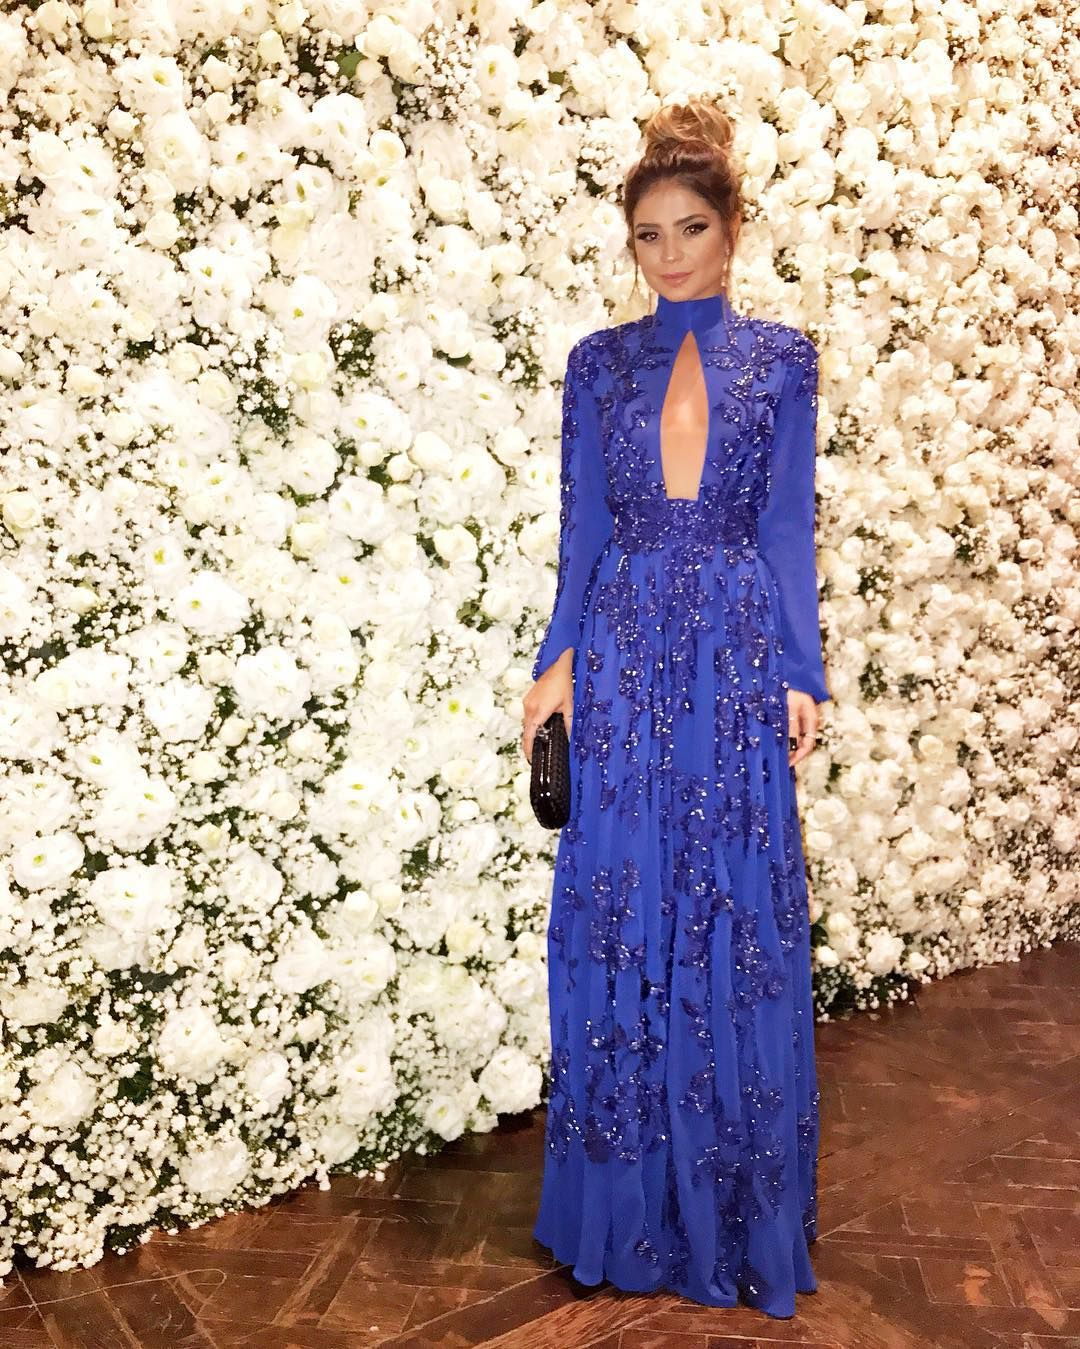 Pin de Irene Guzman en PartieStyle | Pinterest | Vestiditos, Vestido ...